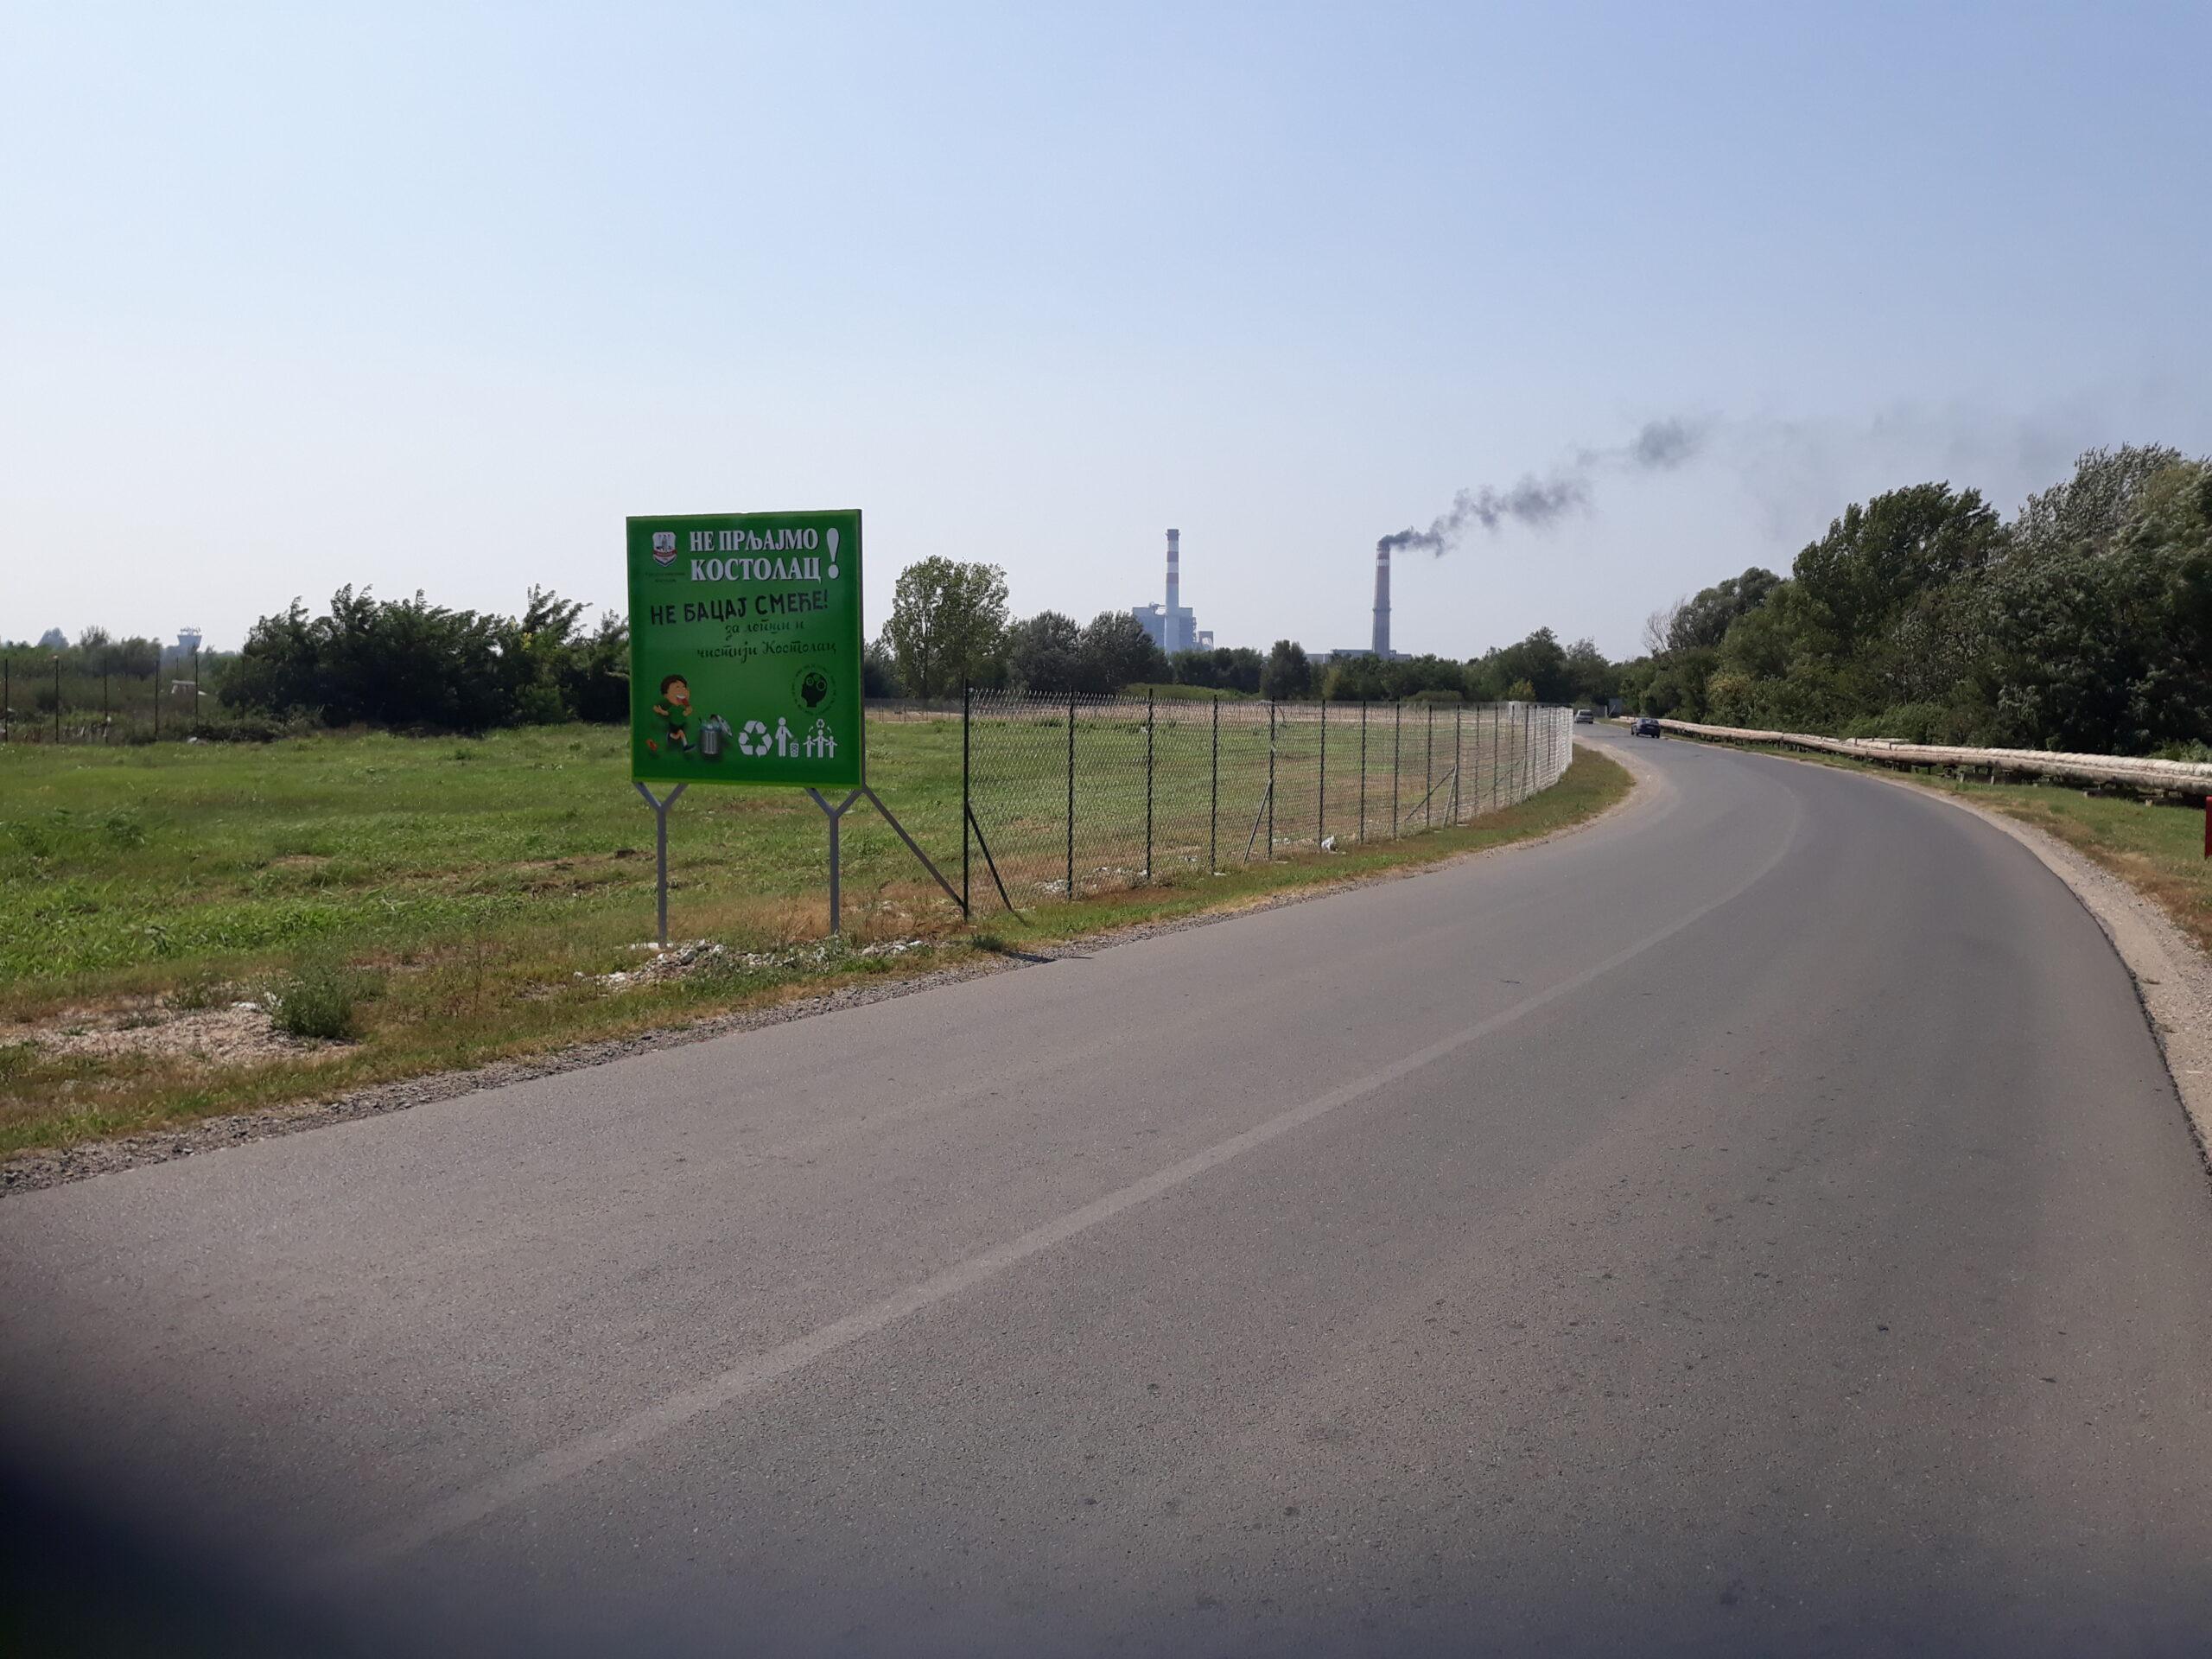 INTERVJU- SERDŽO KRSTANOSKI: Četvorogodišnji plan razvojnog puta Gradske opštine Kostolac 50837